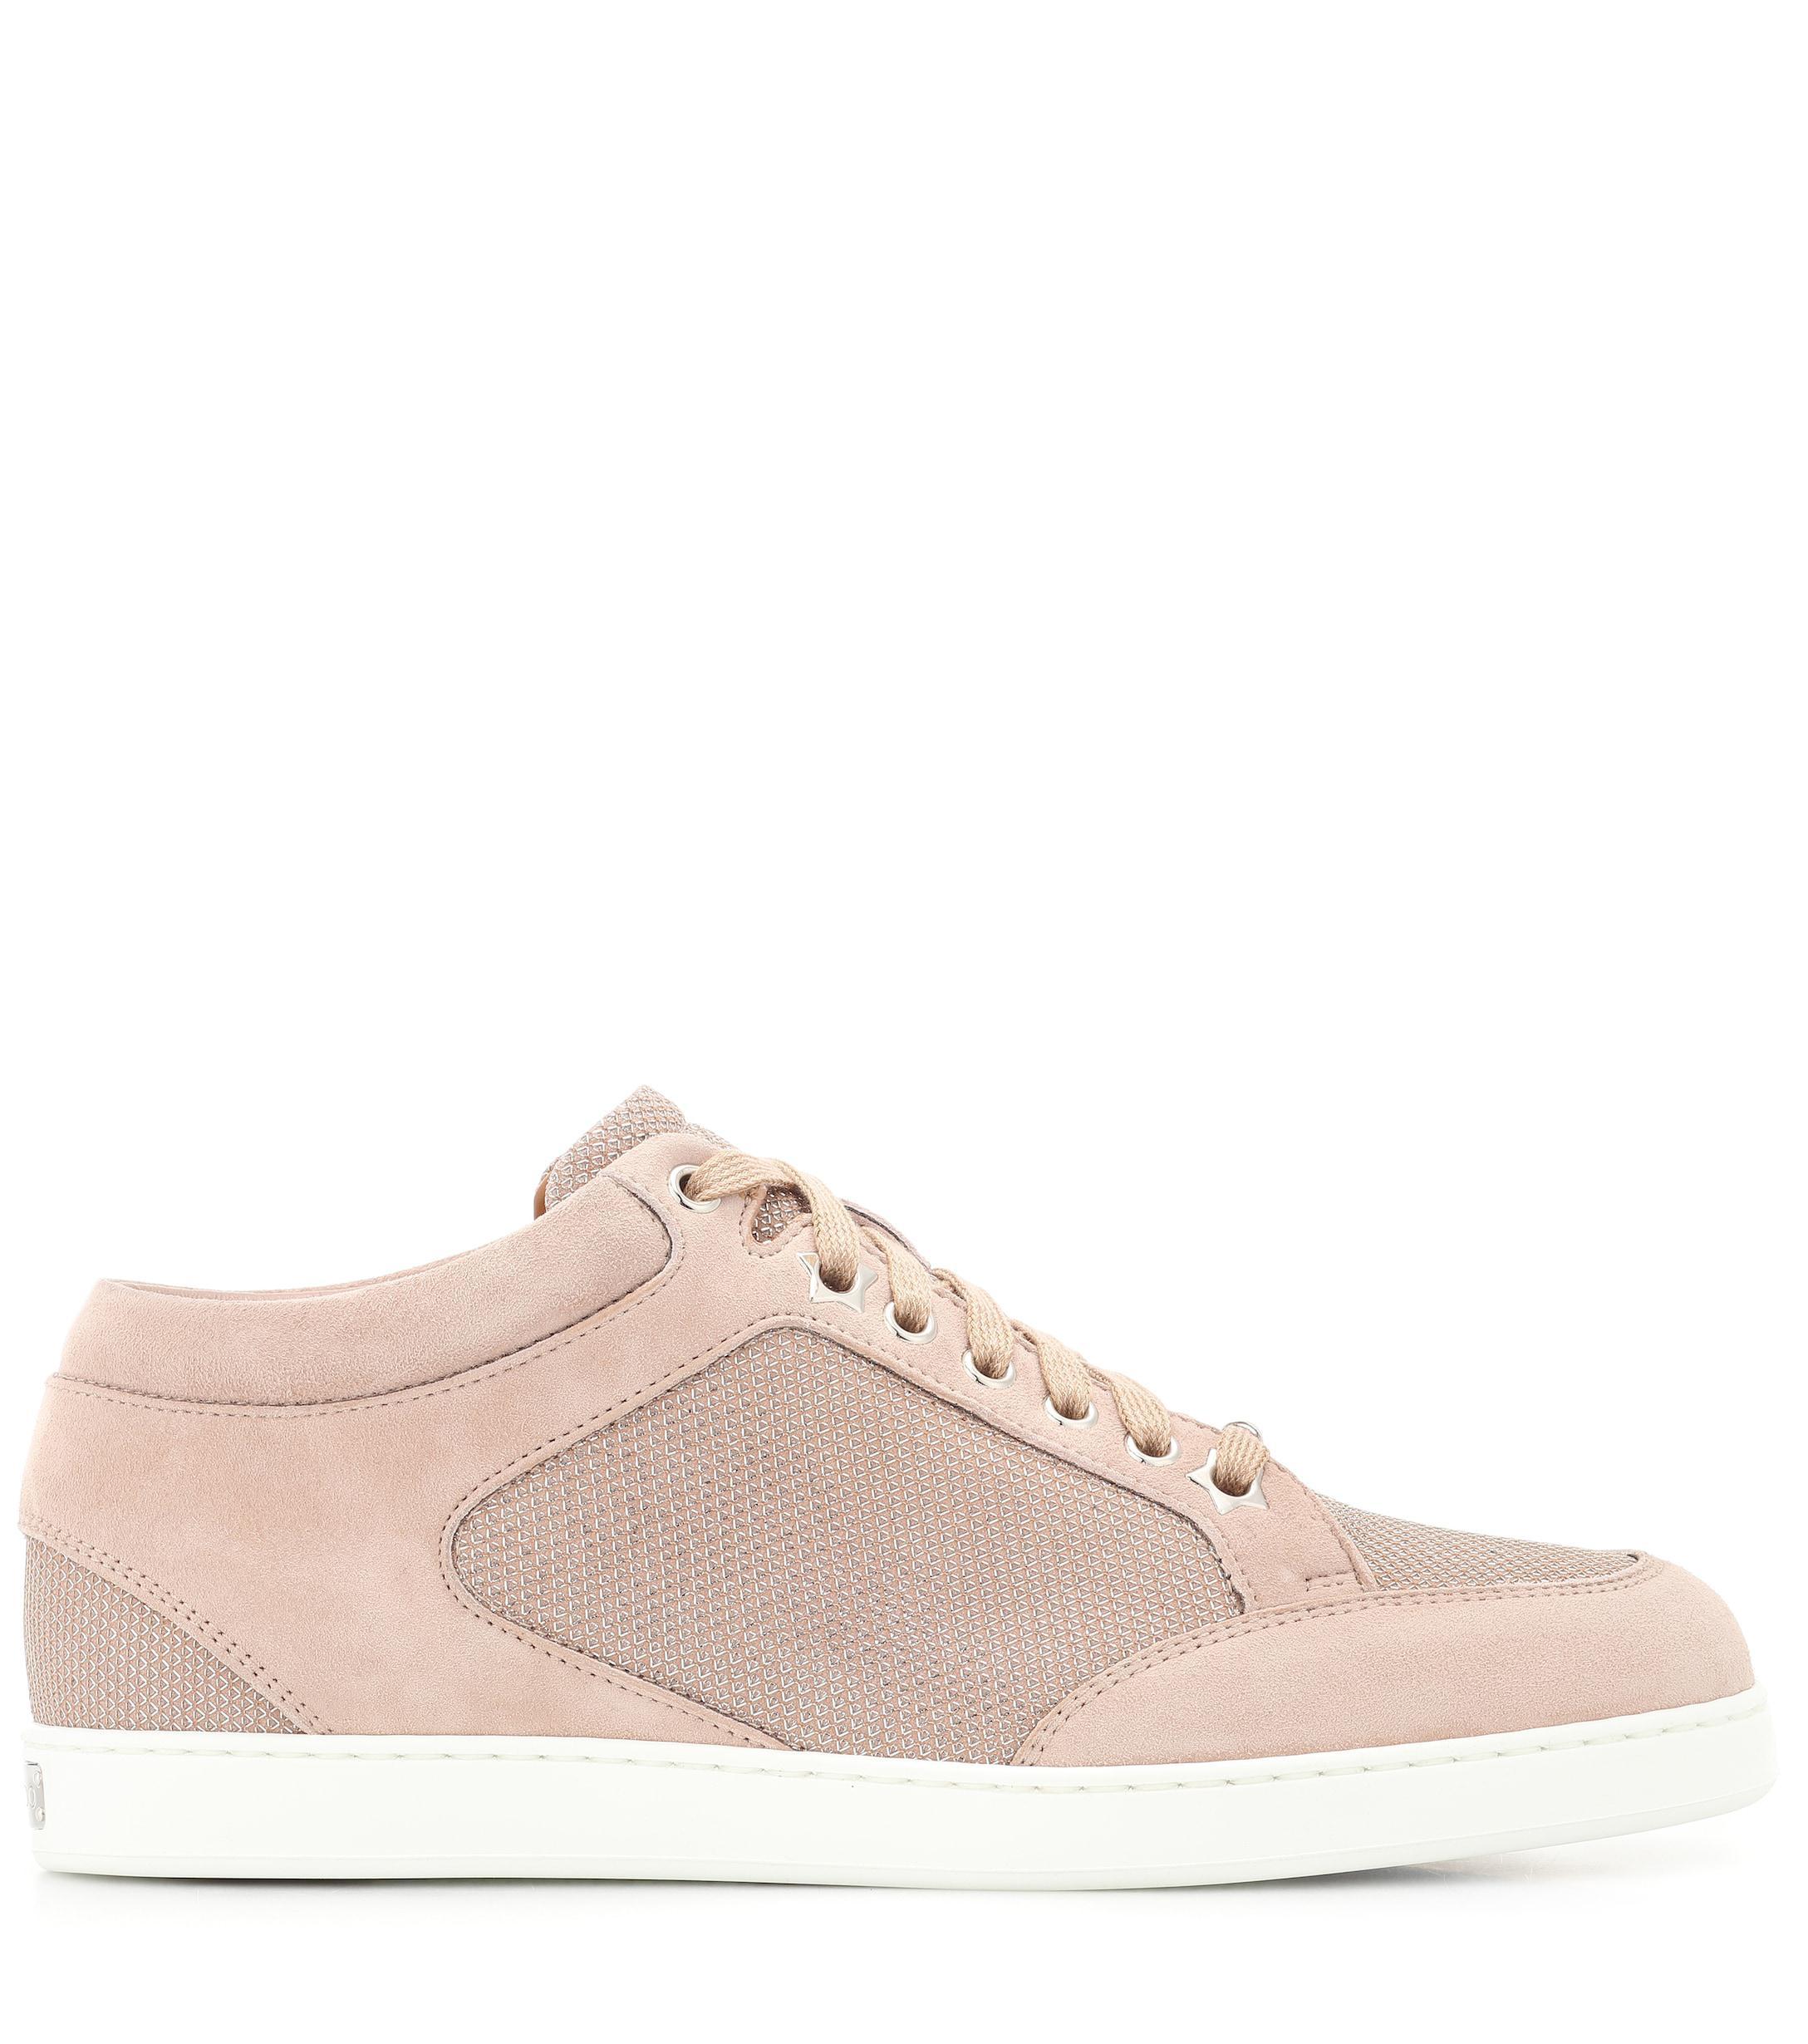 Zapatillas de gamuza Miami Jimmy Choo de color Rosa